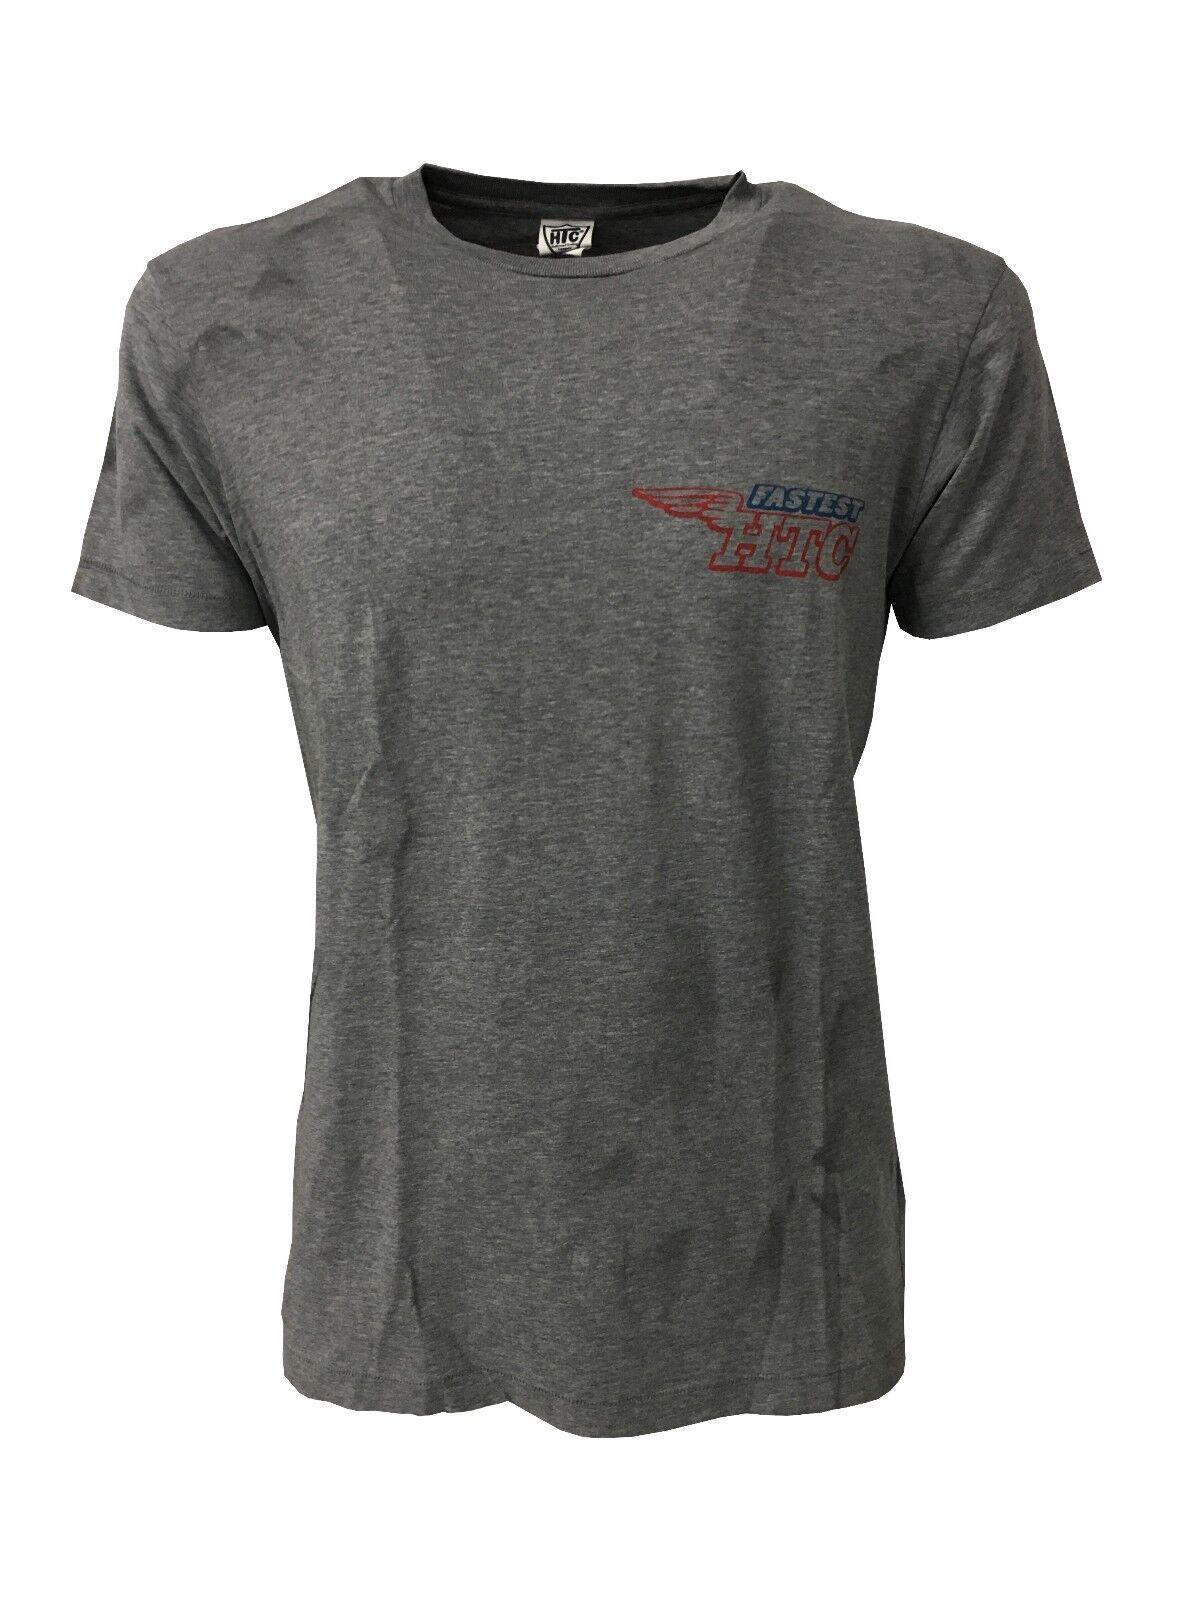 HTC T-Shirt mit kurzen Ärmeln 100% Baumwolle mit Pinselstriche made in italy